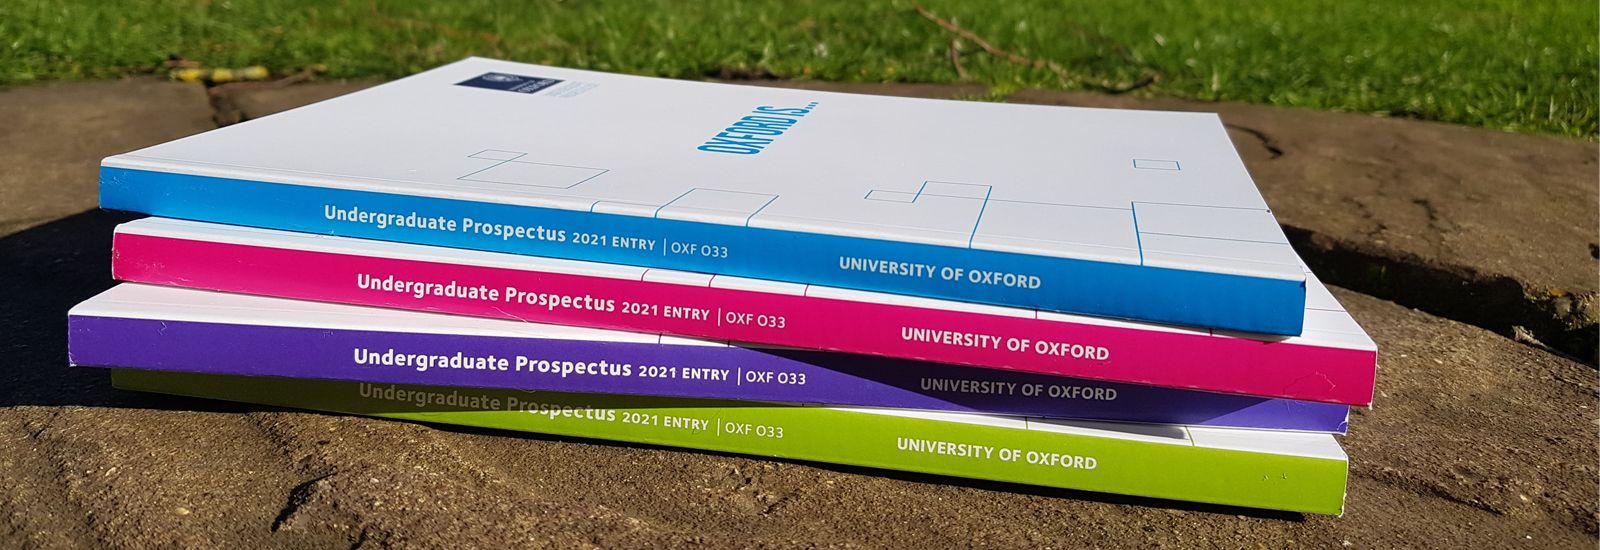 2021 undergraduate prospectus